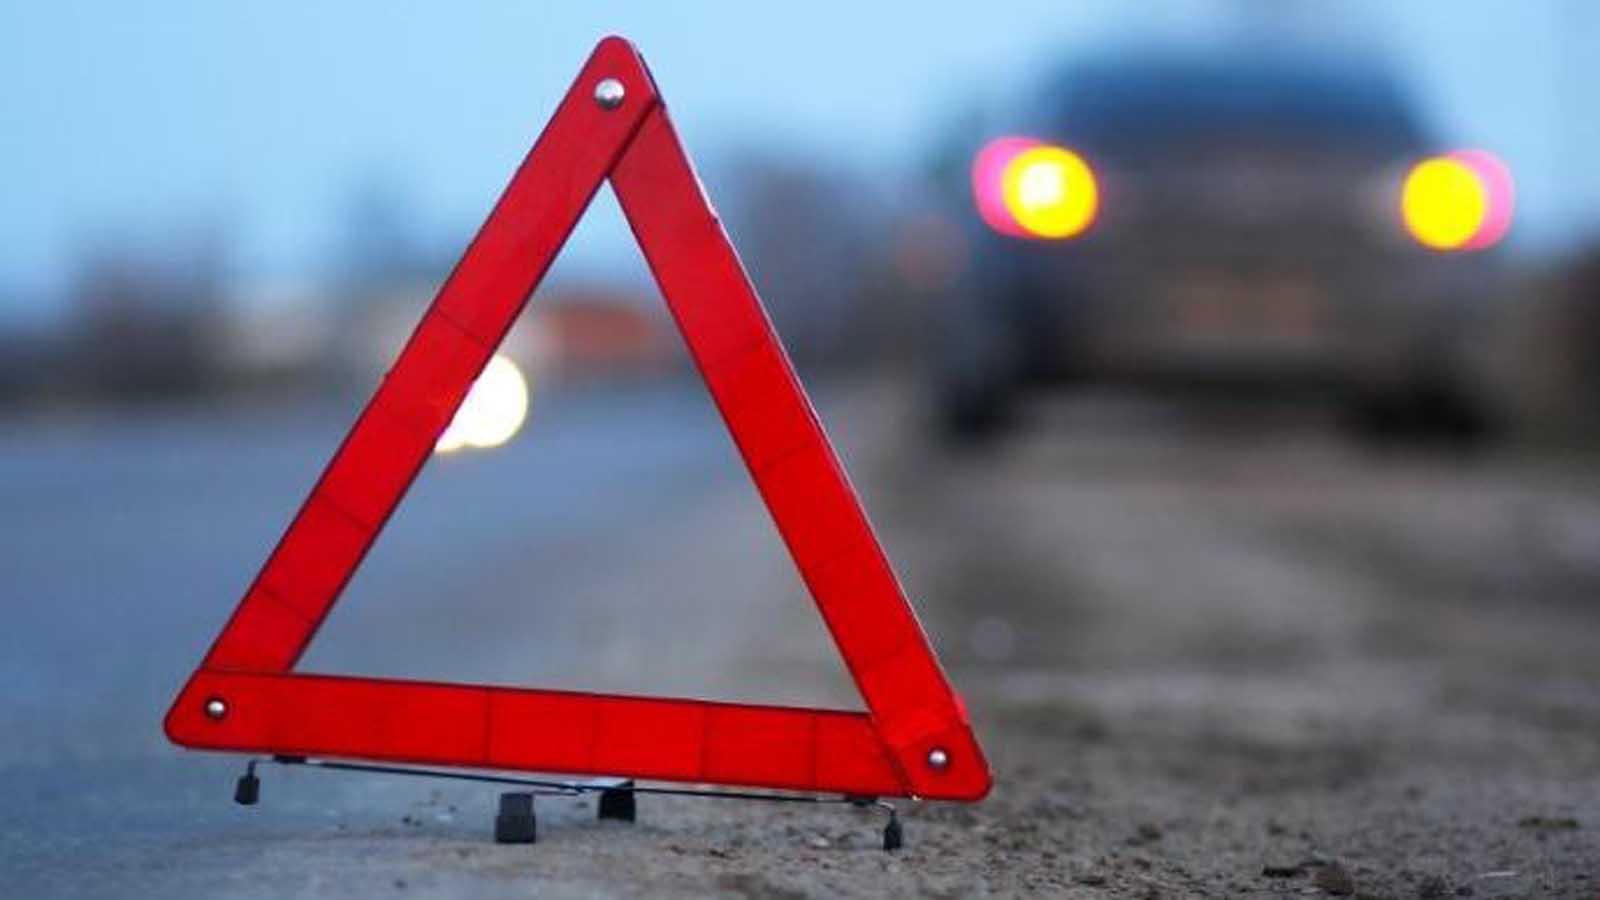 В Твери в ДТП пострадал 23-летний мужчина, виновник скрылся